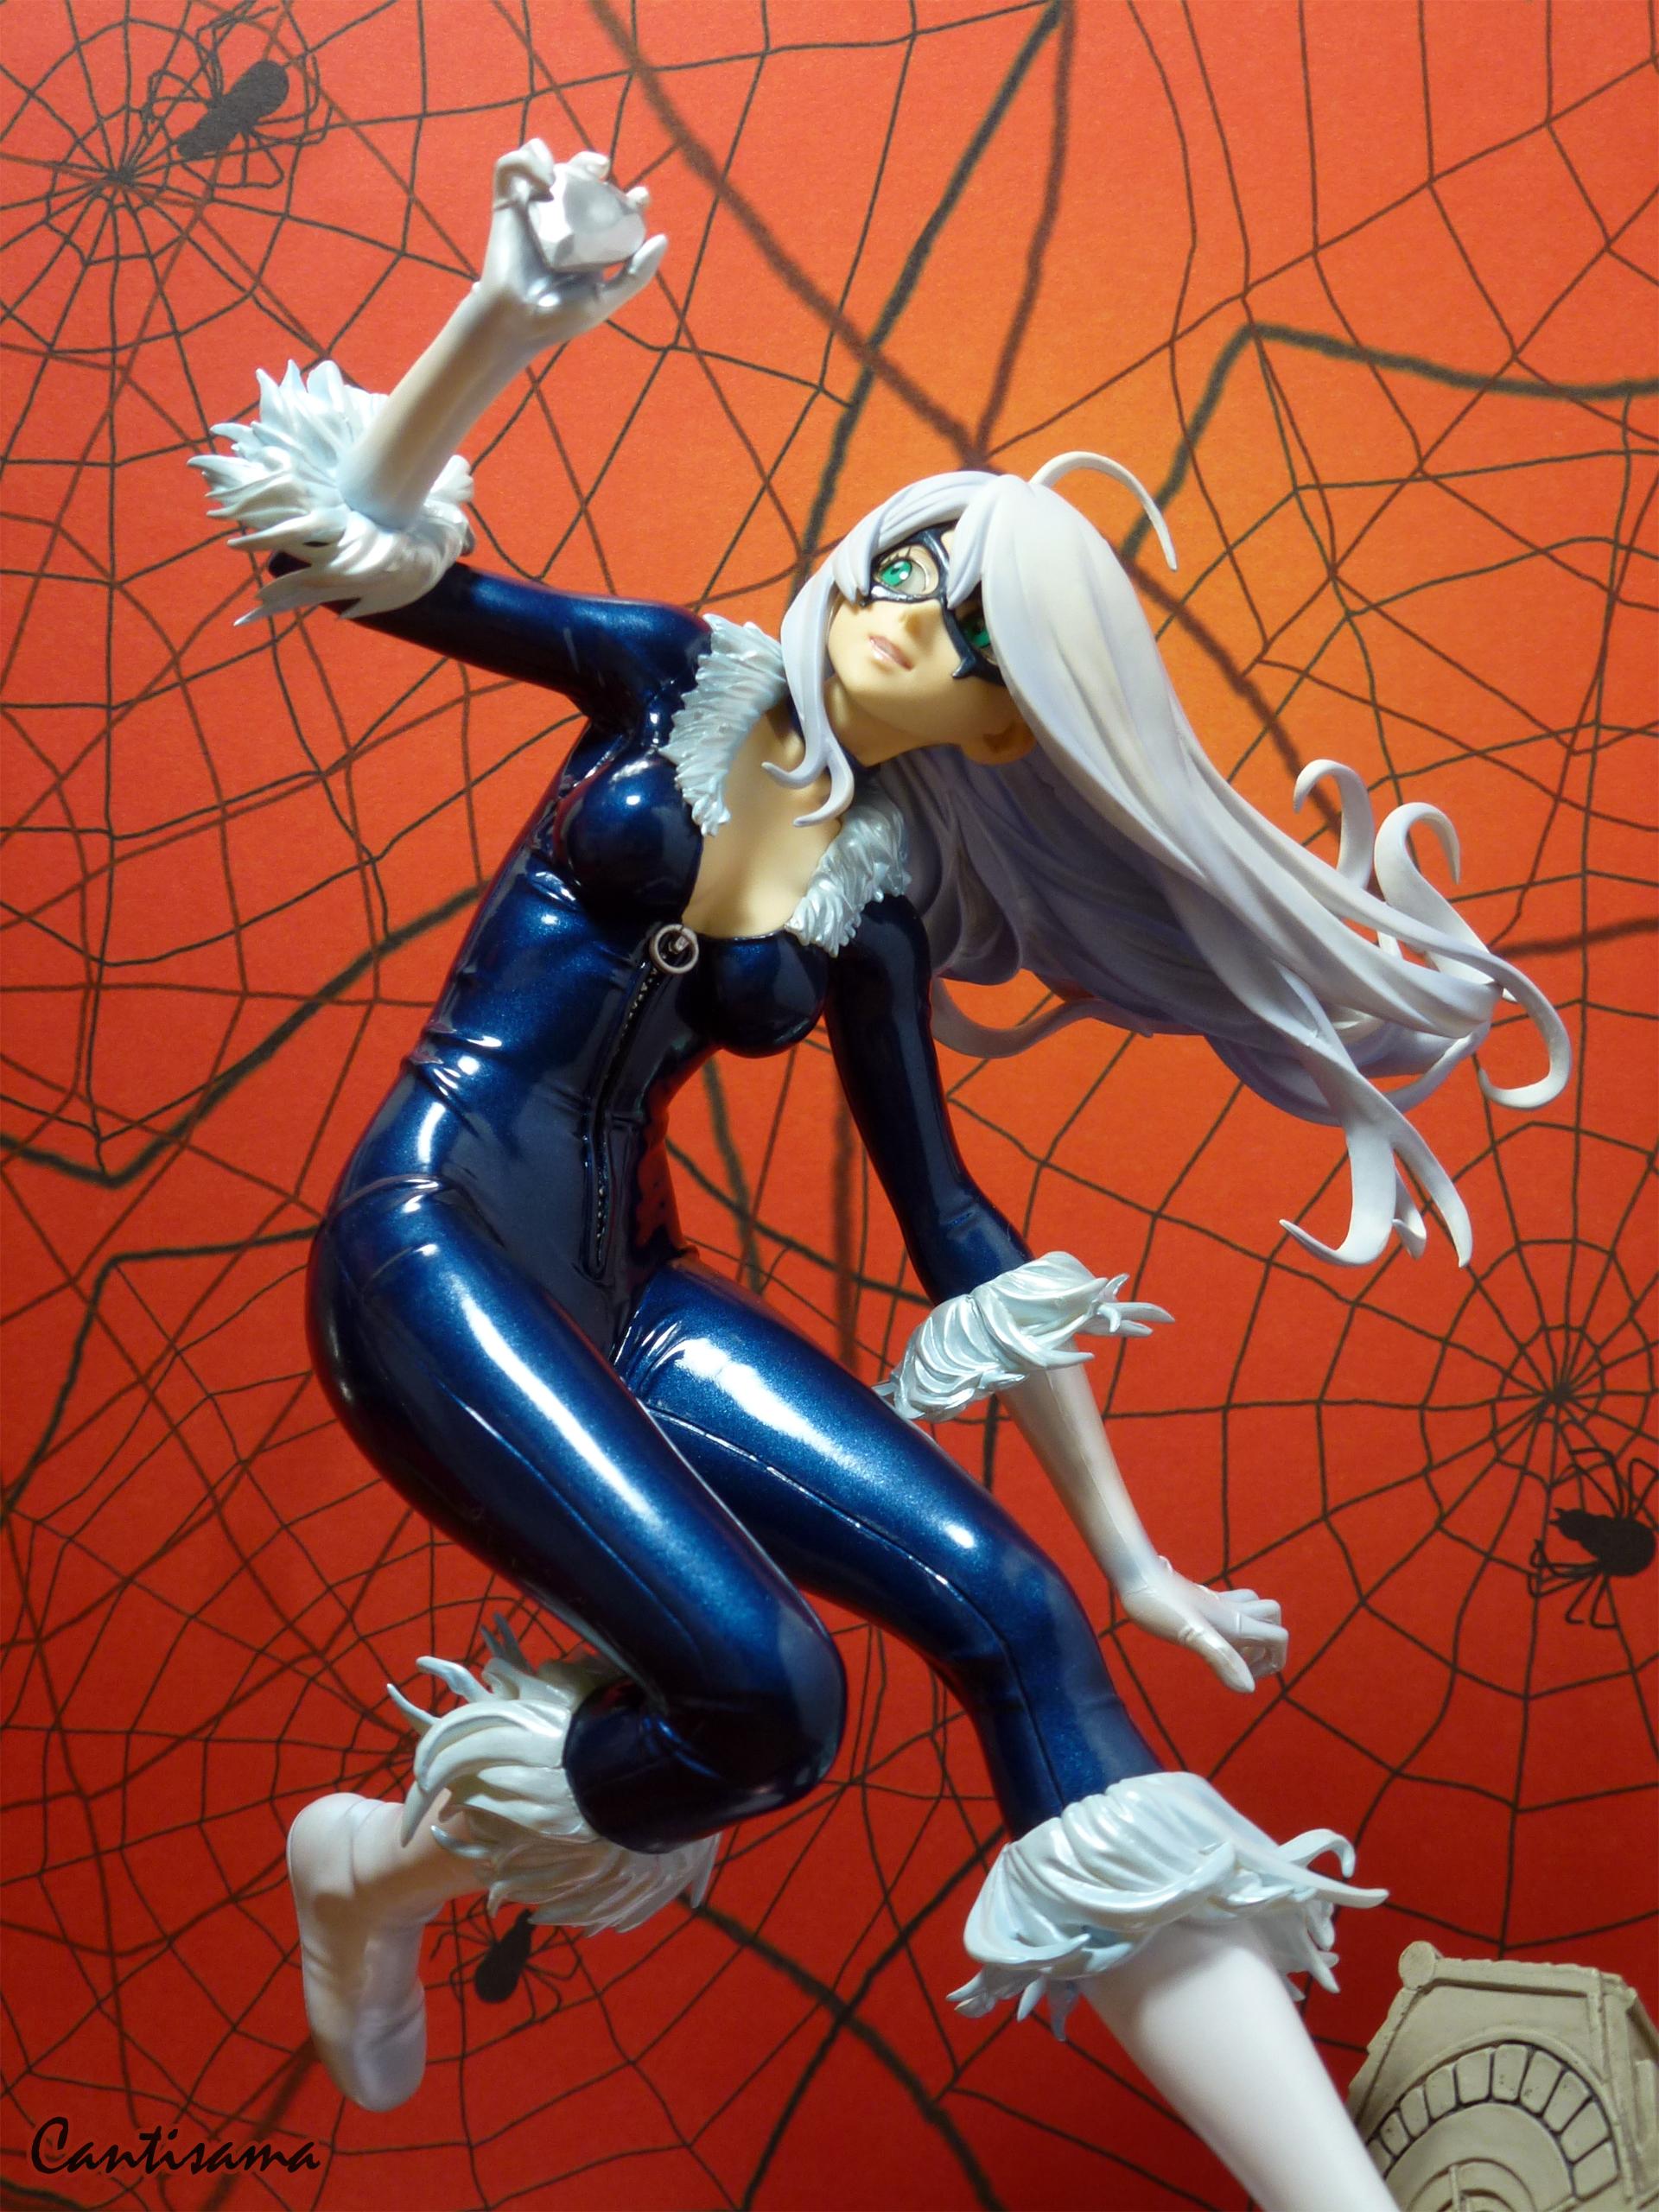 cat kotobukiya black_cat spider-man yamashita_shunya marvel_x_bishoujo bishoujo_statue tsukada_takashi